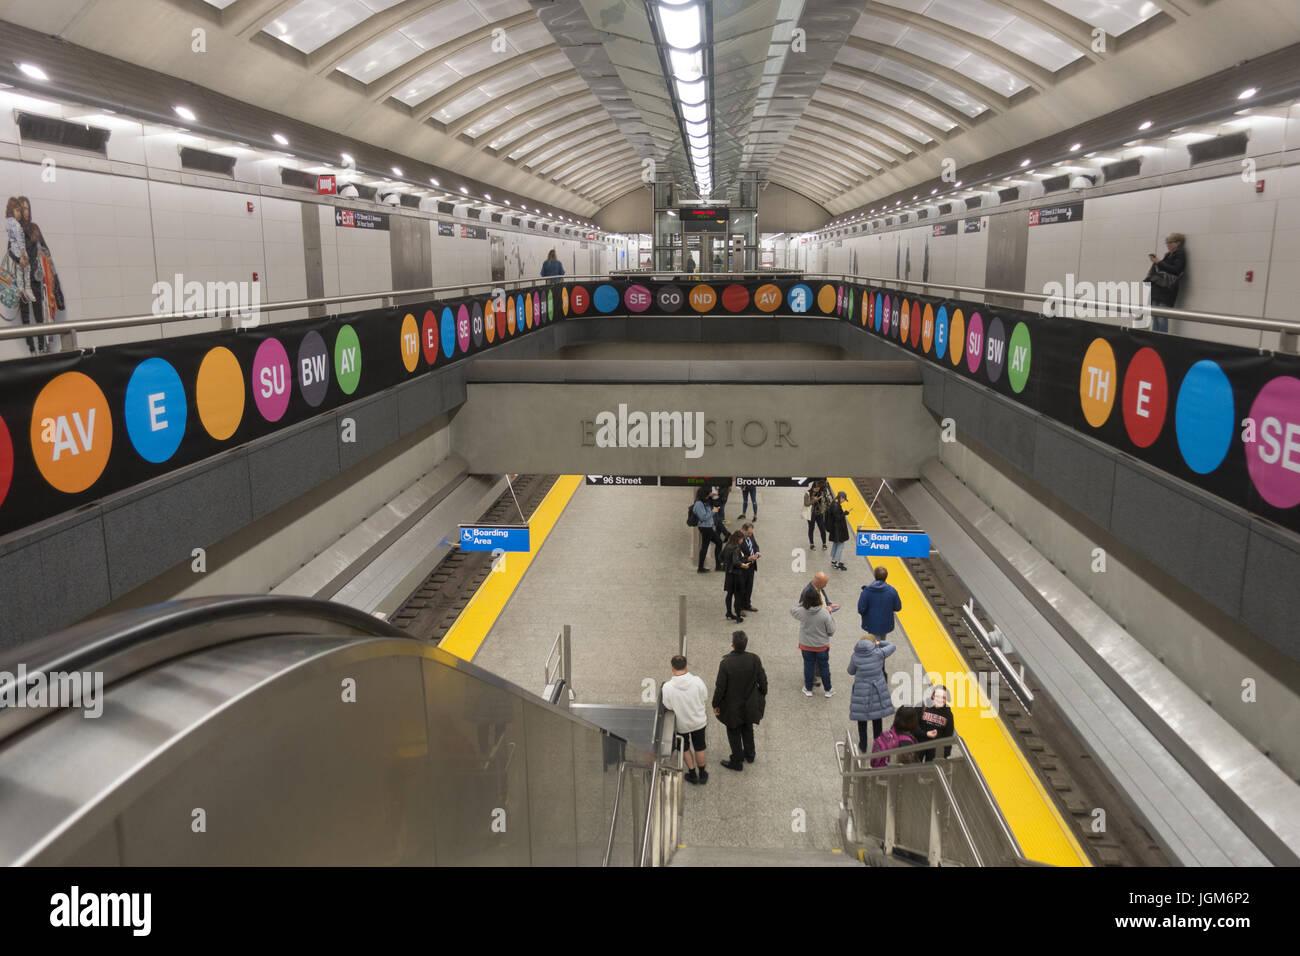 72nd Street Subway Map.2nd Avenue Subway Stock Photos 2nd Avenue Subway Stock Images Alamy